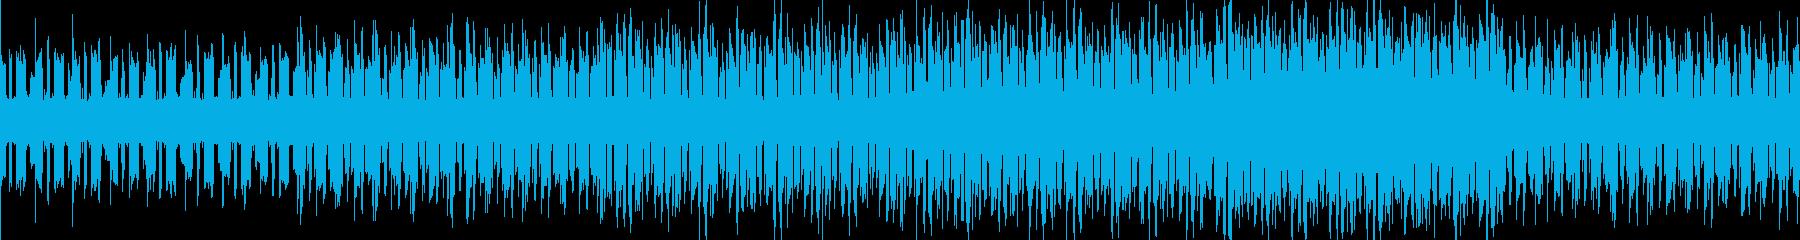 テンポが速い暗い曲の再生済みの波形